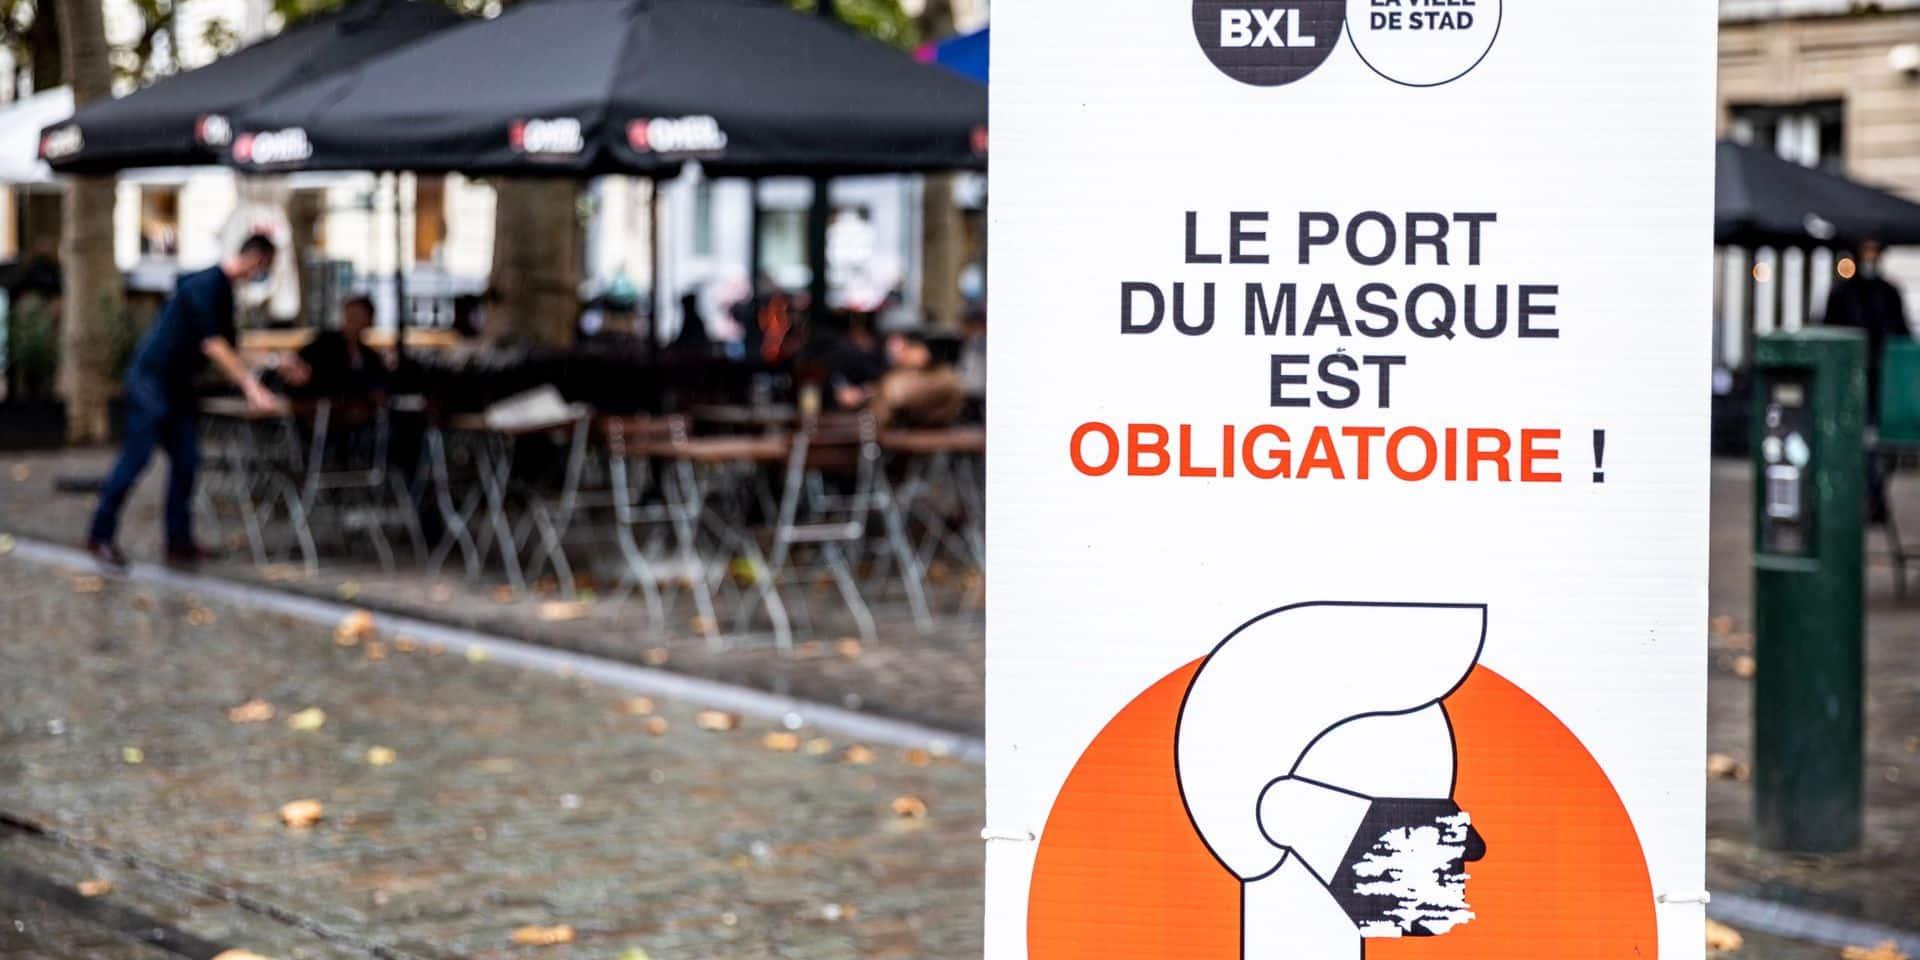 Fin de l'obligation du port du masque à Bruxelles: quid en Wallonie?